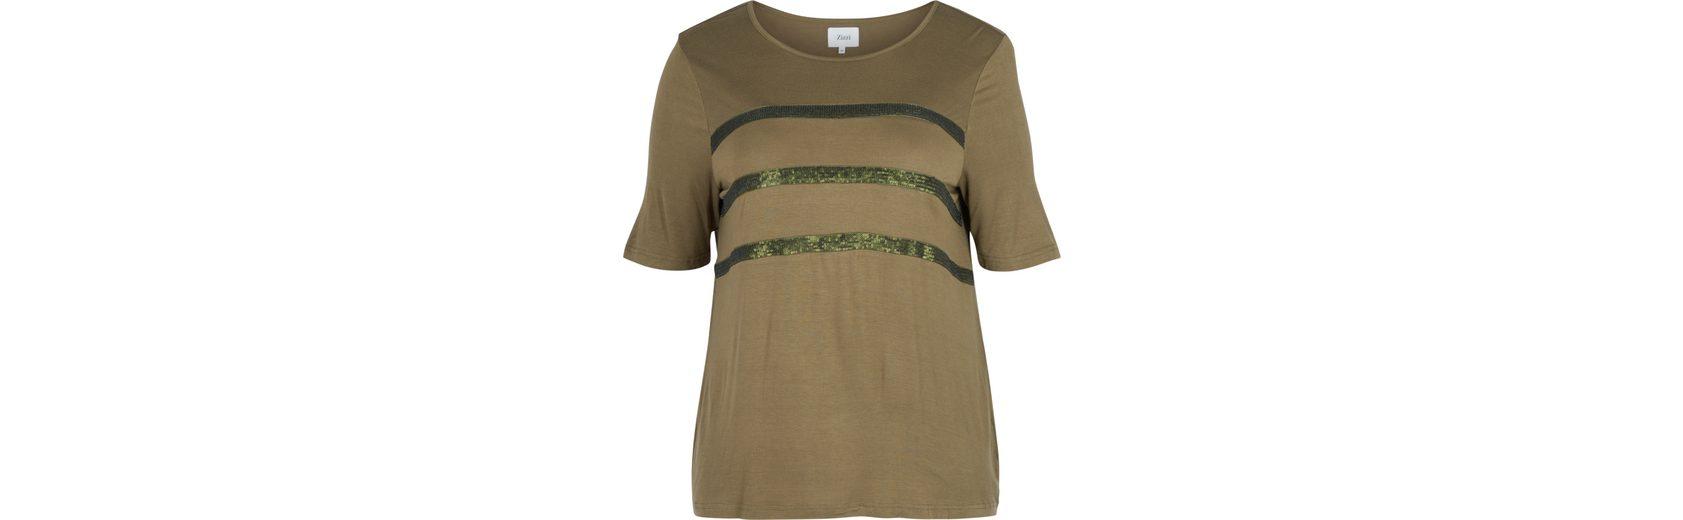 Mit Paypal Zahlen Online Zizzi T-Shirt Footaction Online Ausgezeichnet Zum Verkauf Rabatt Manchester pt6LV9yX